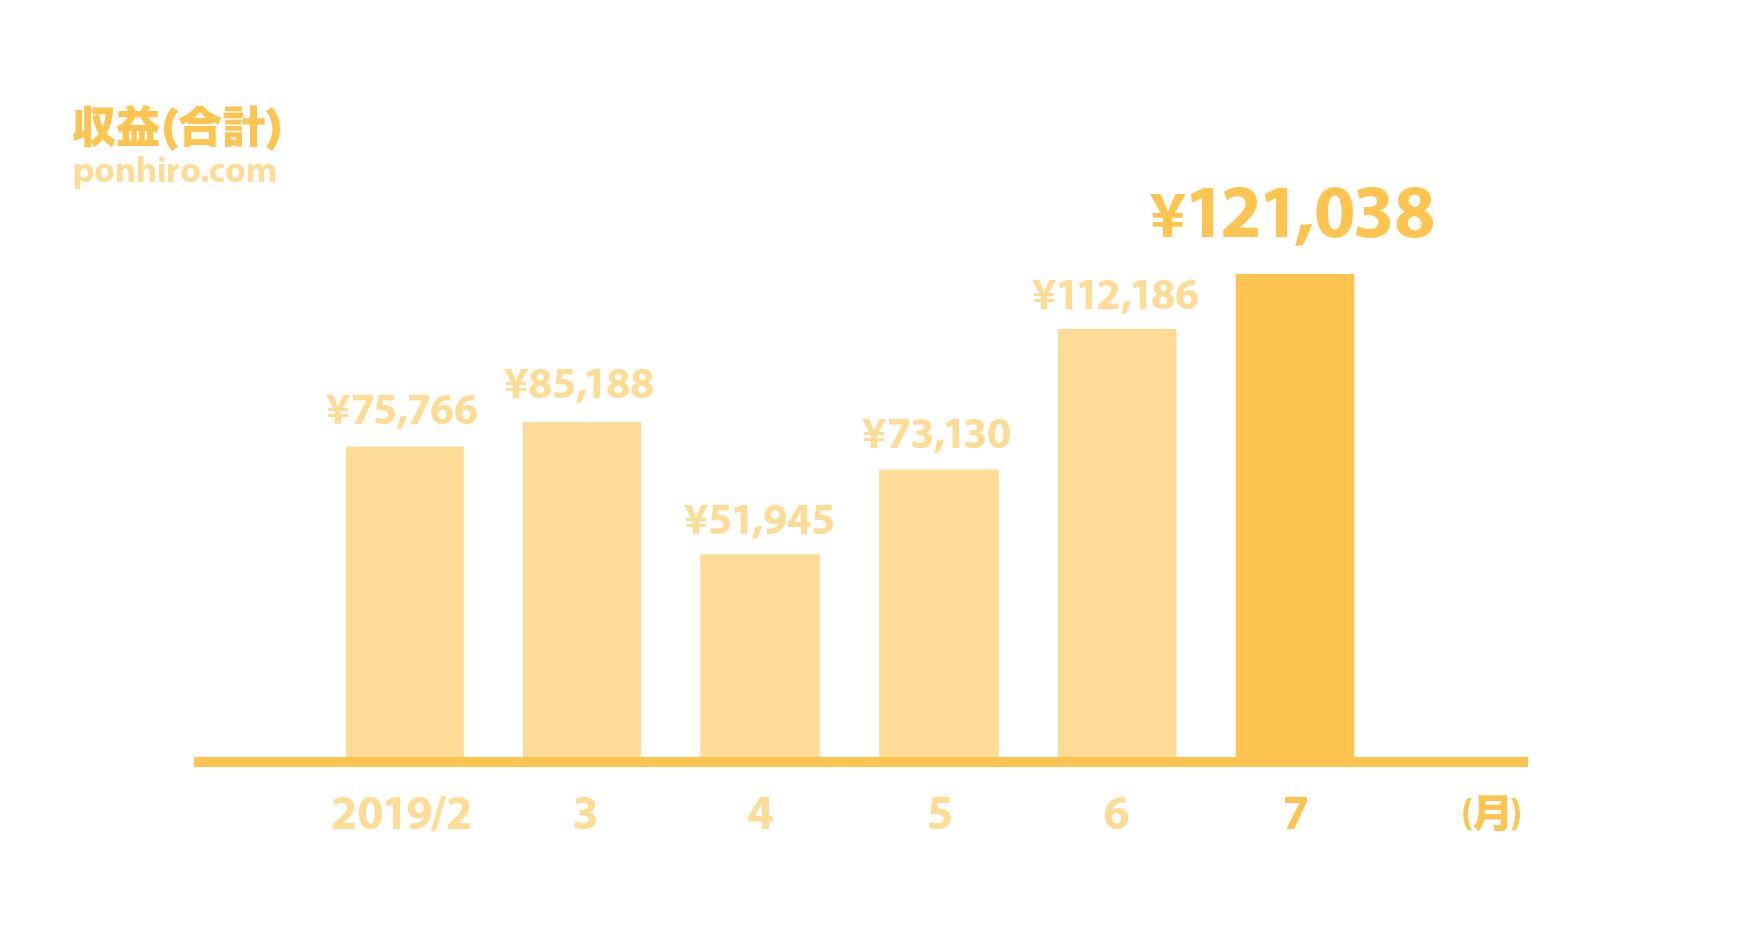 2019年7月 収益合計